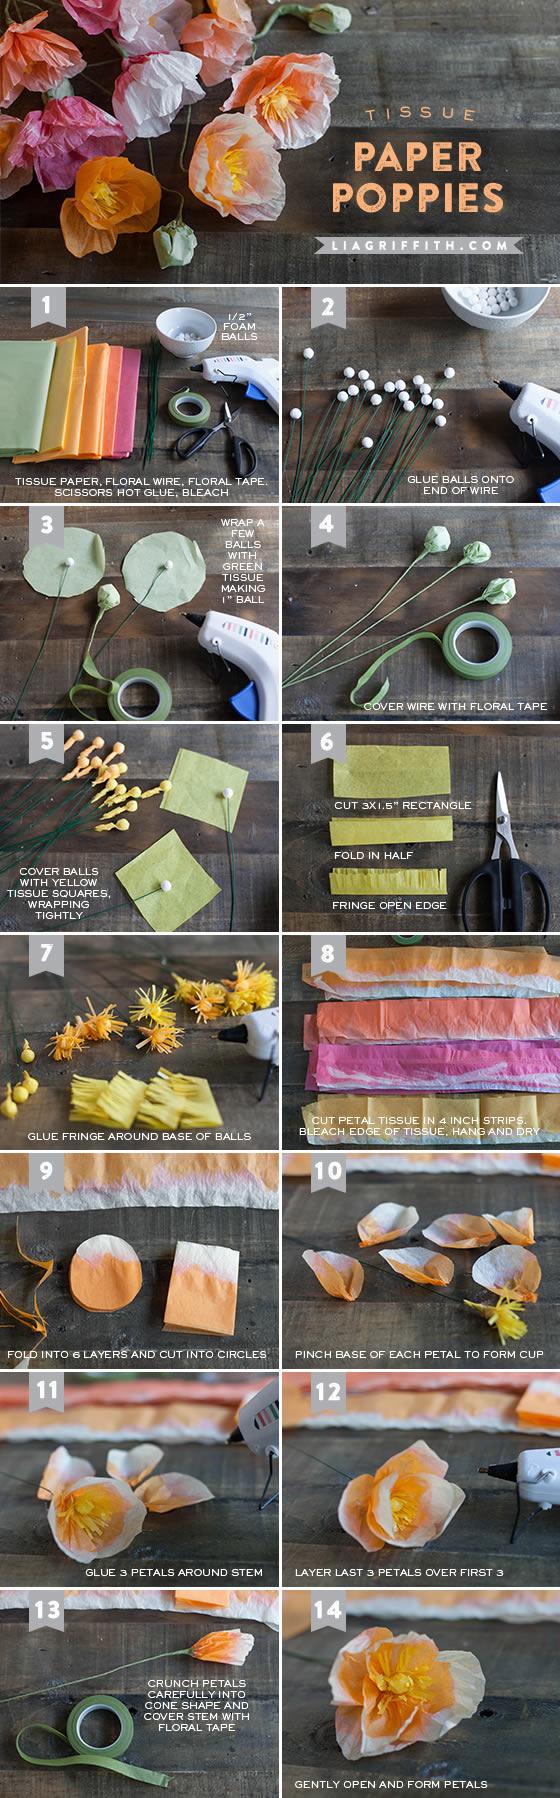 10 Exemplos Perfeitos de Decoração com Flores para o Dia das Mães